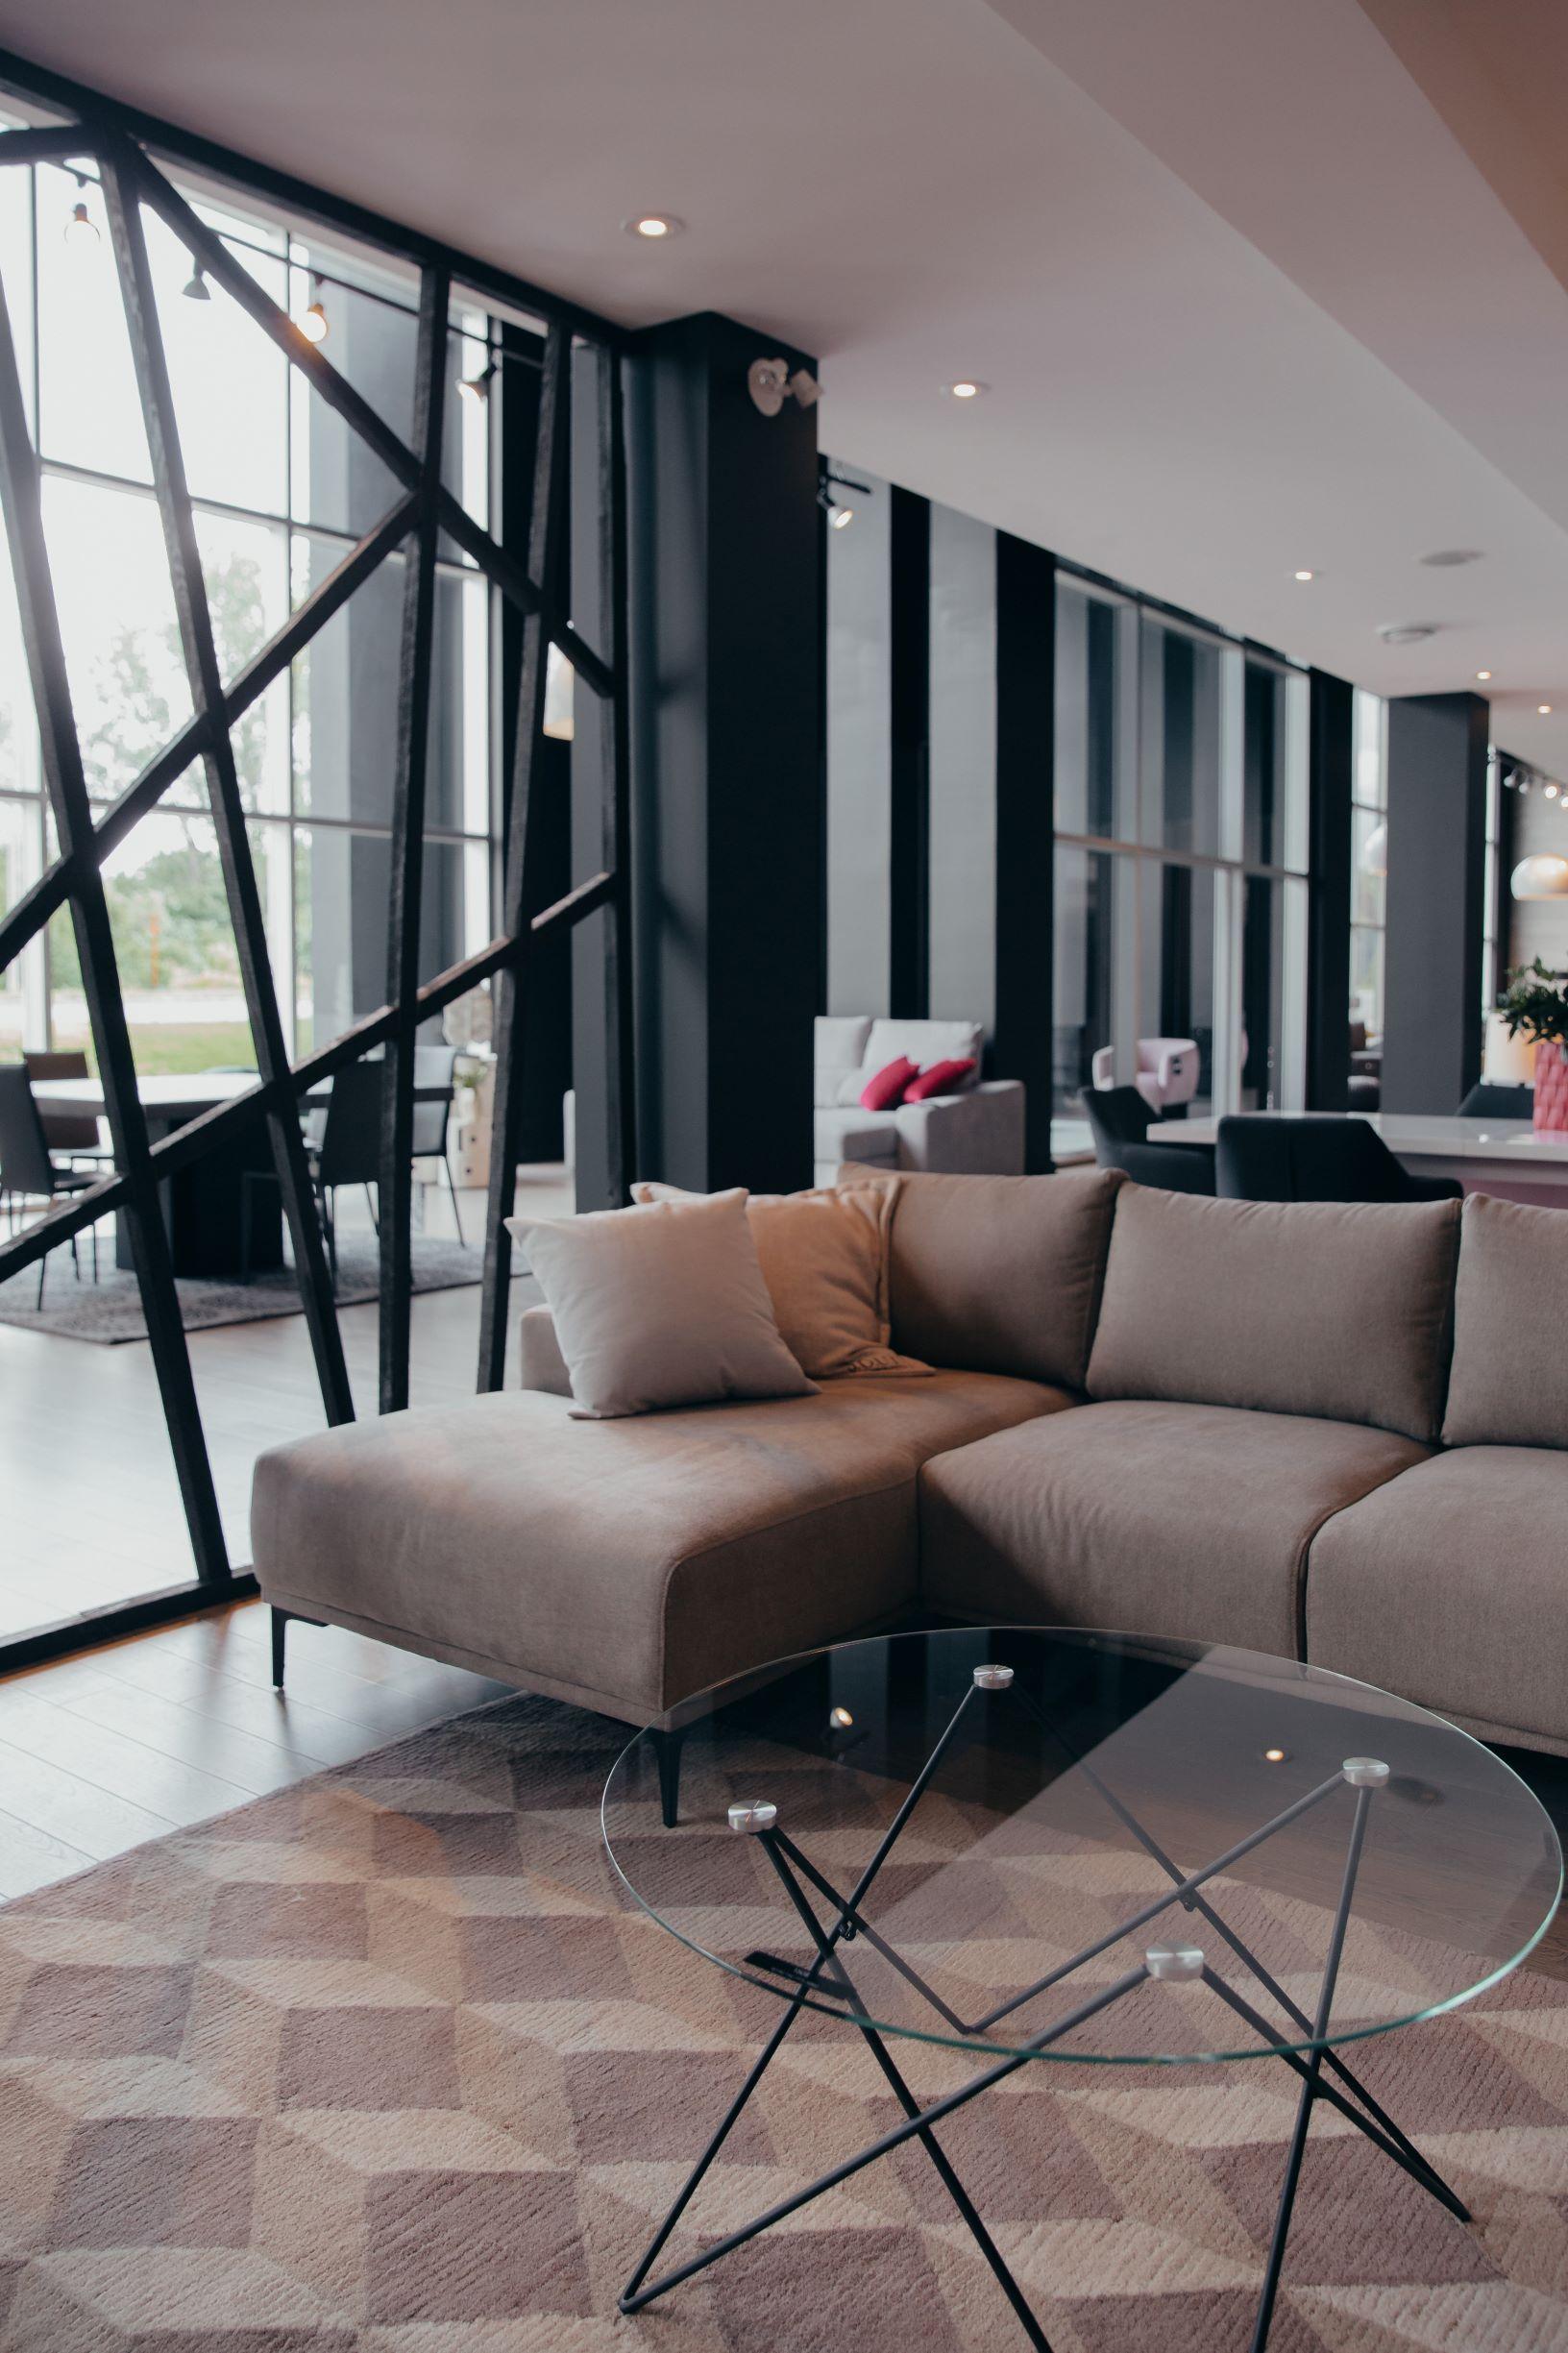 Generation M Departement A Meme Le Magasin Avec Une Collection De Produits A Prix Doux Disponible A L Achat Furniture In 2020 Home Decor Sectional Couch Furniture